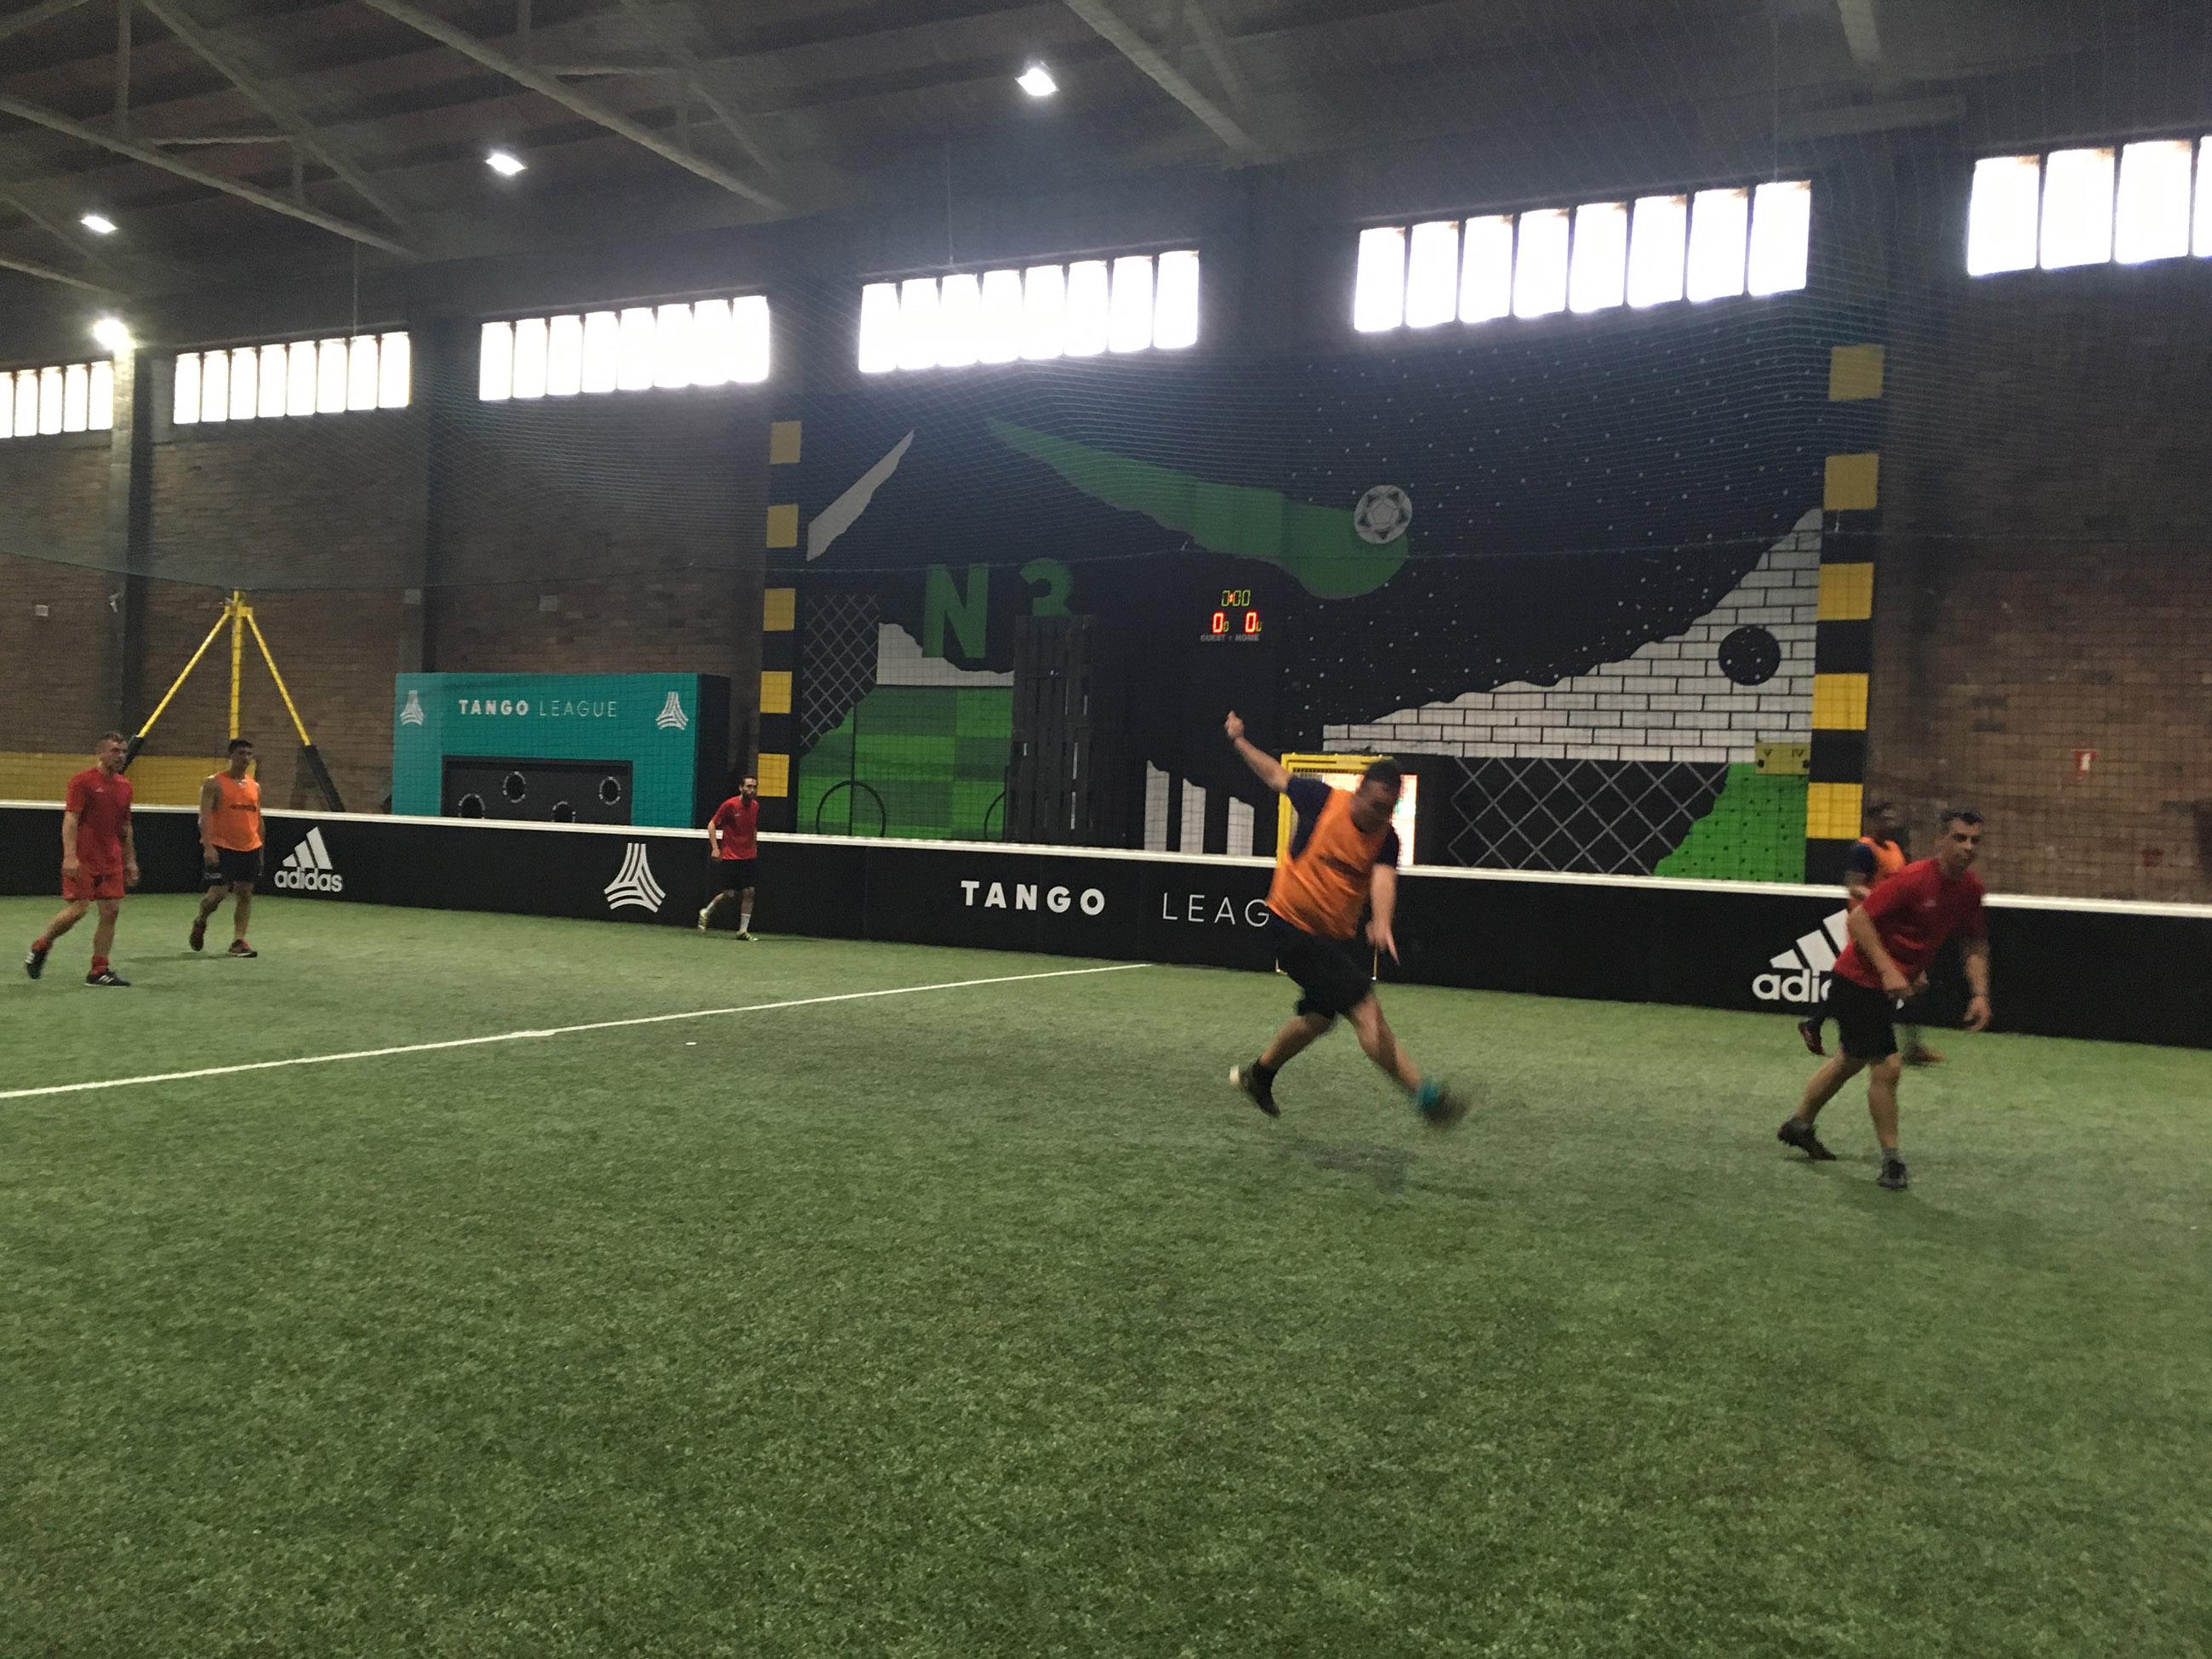 Fotografía de un partido de fútbol de la liga de fútbol Mary Jane. El partido se juega en un lugar cubierto. En total, hay cinco jugadores sobre el terreno de juego.